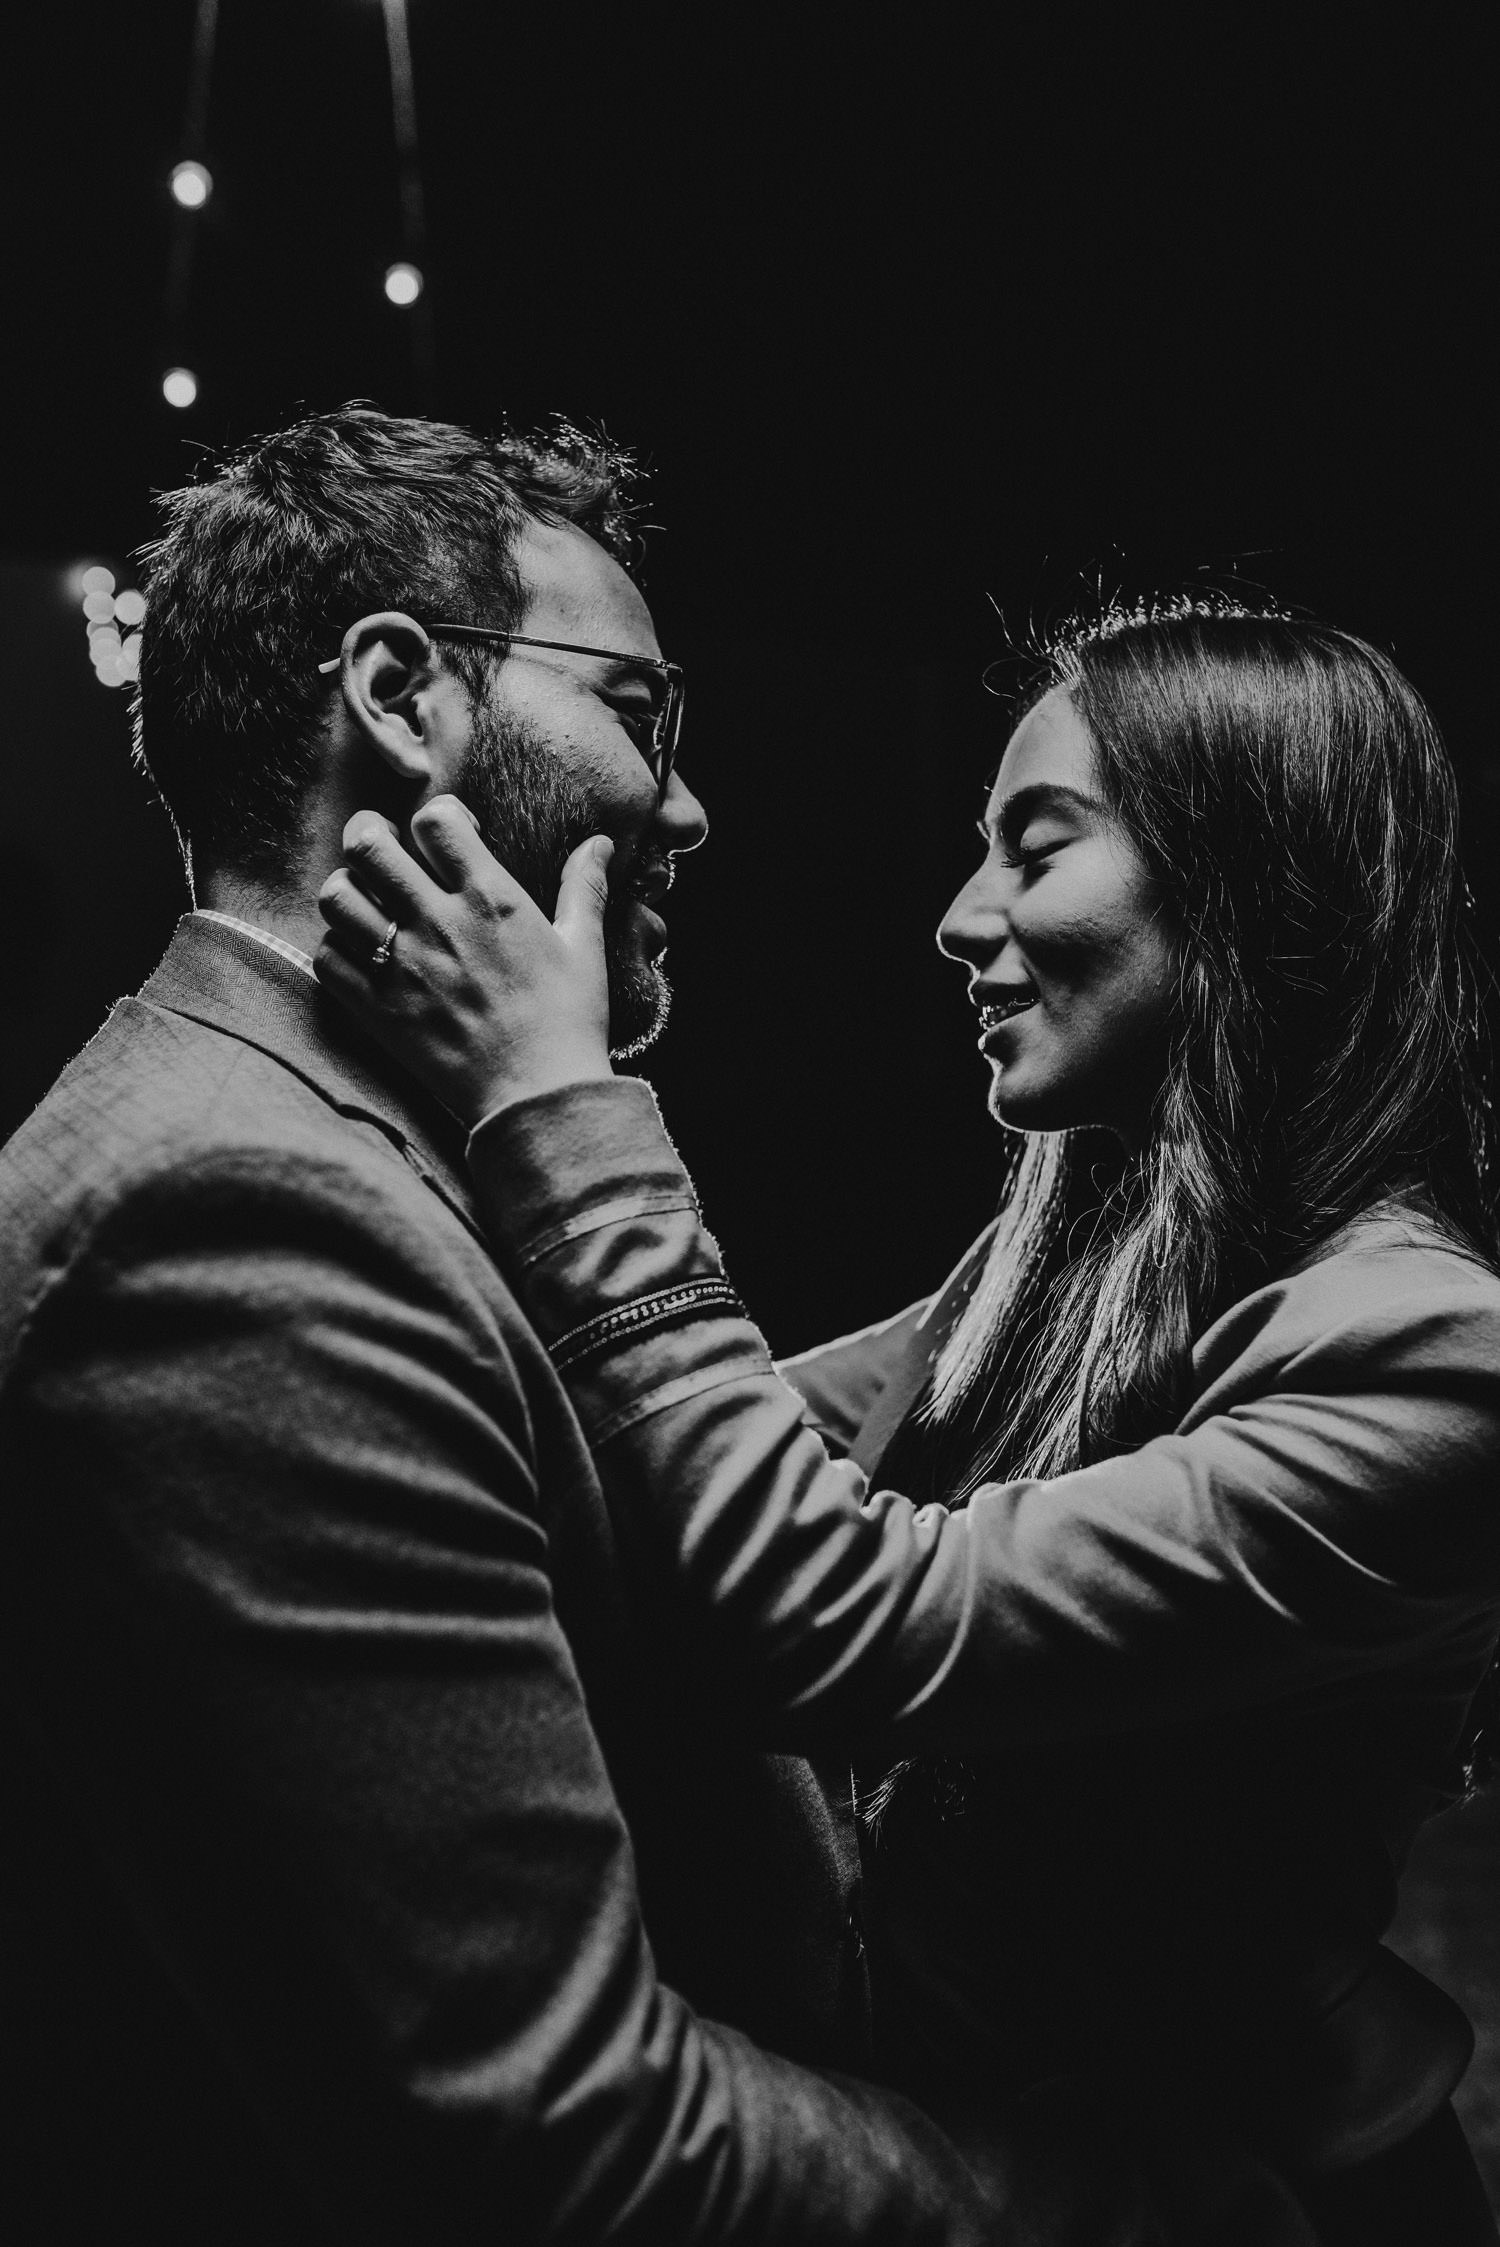 fotografos-profesionales-boda-durango-24.jpg